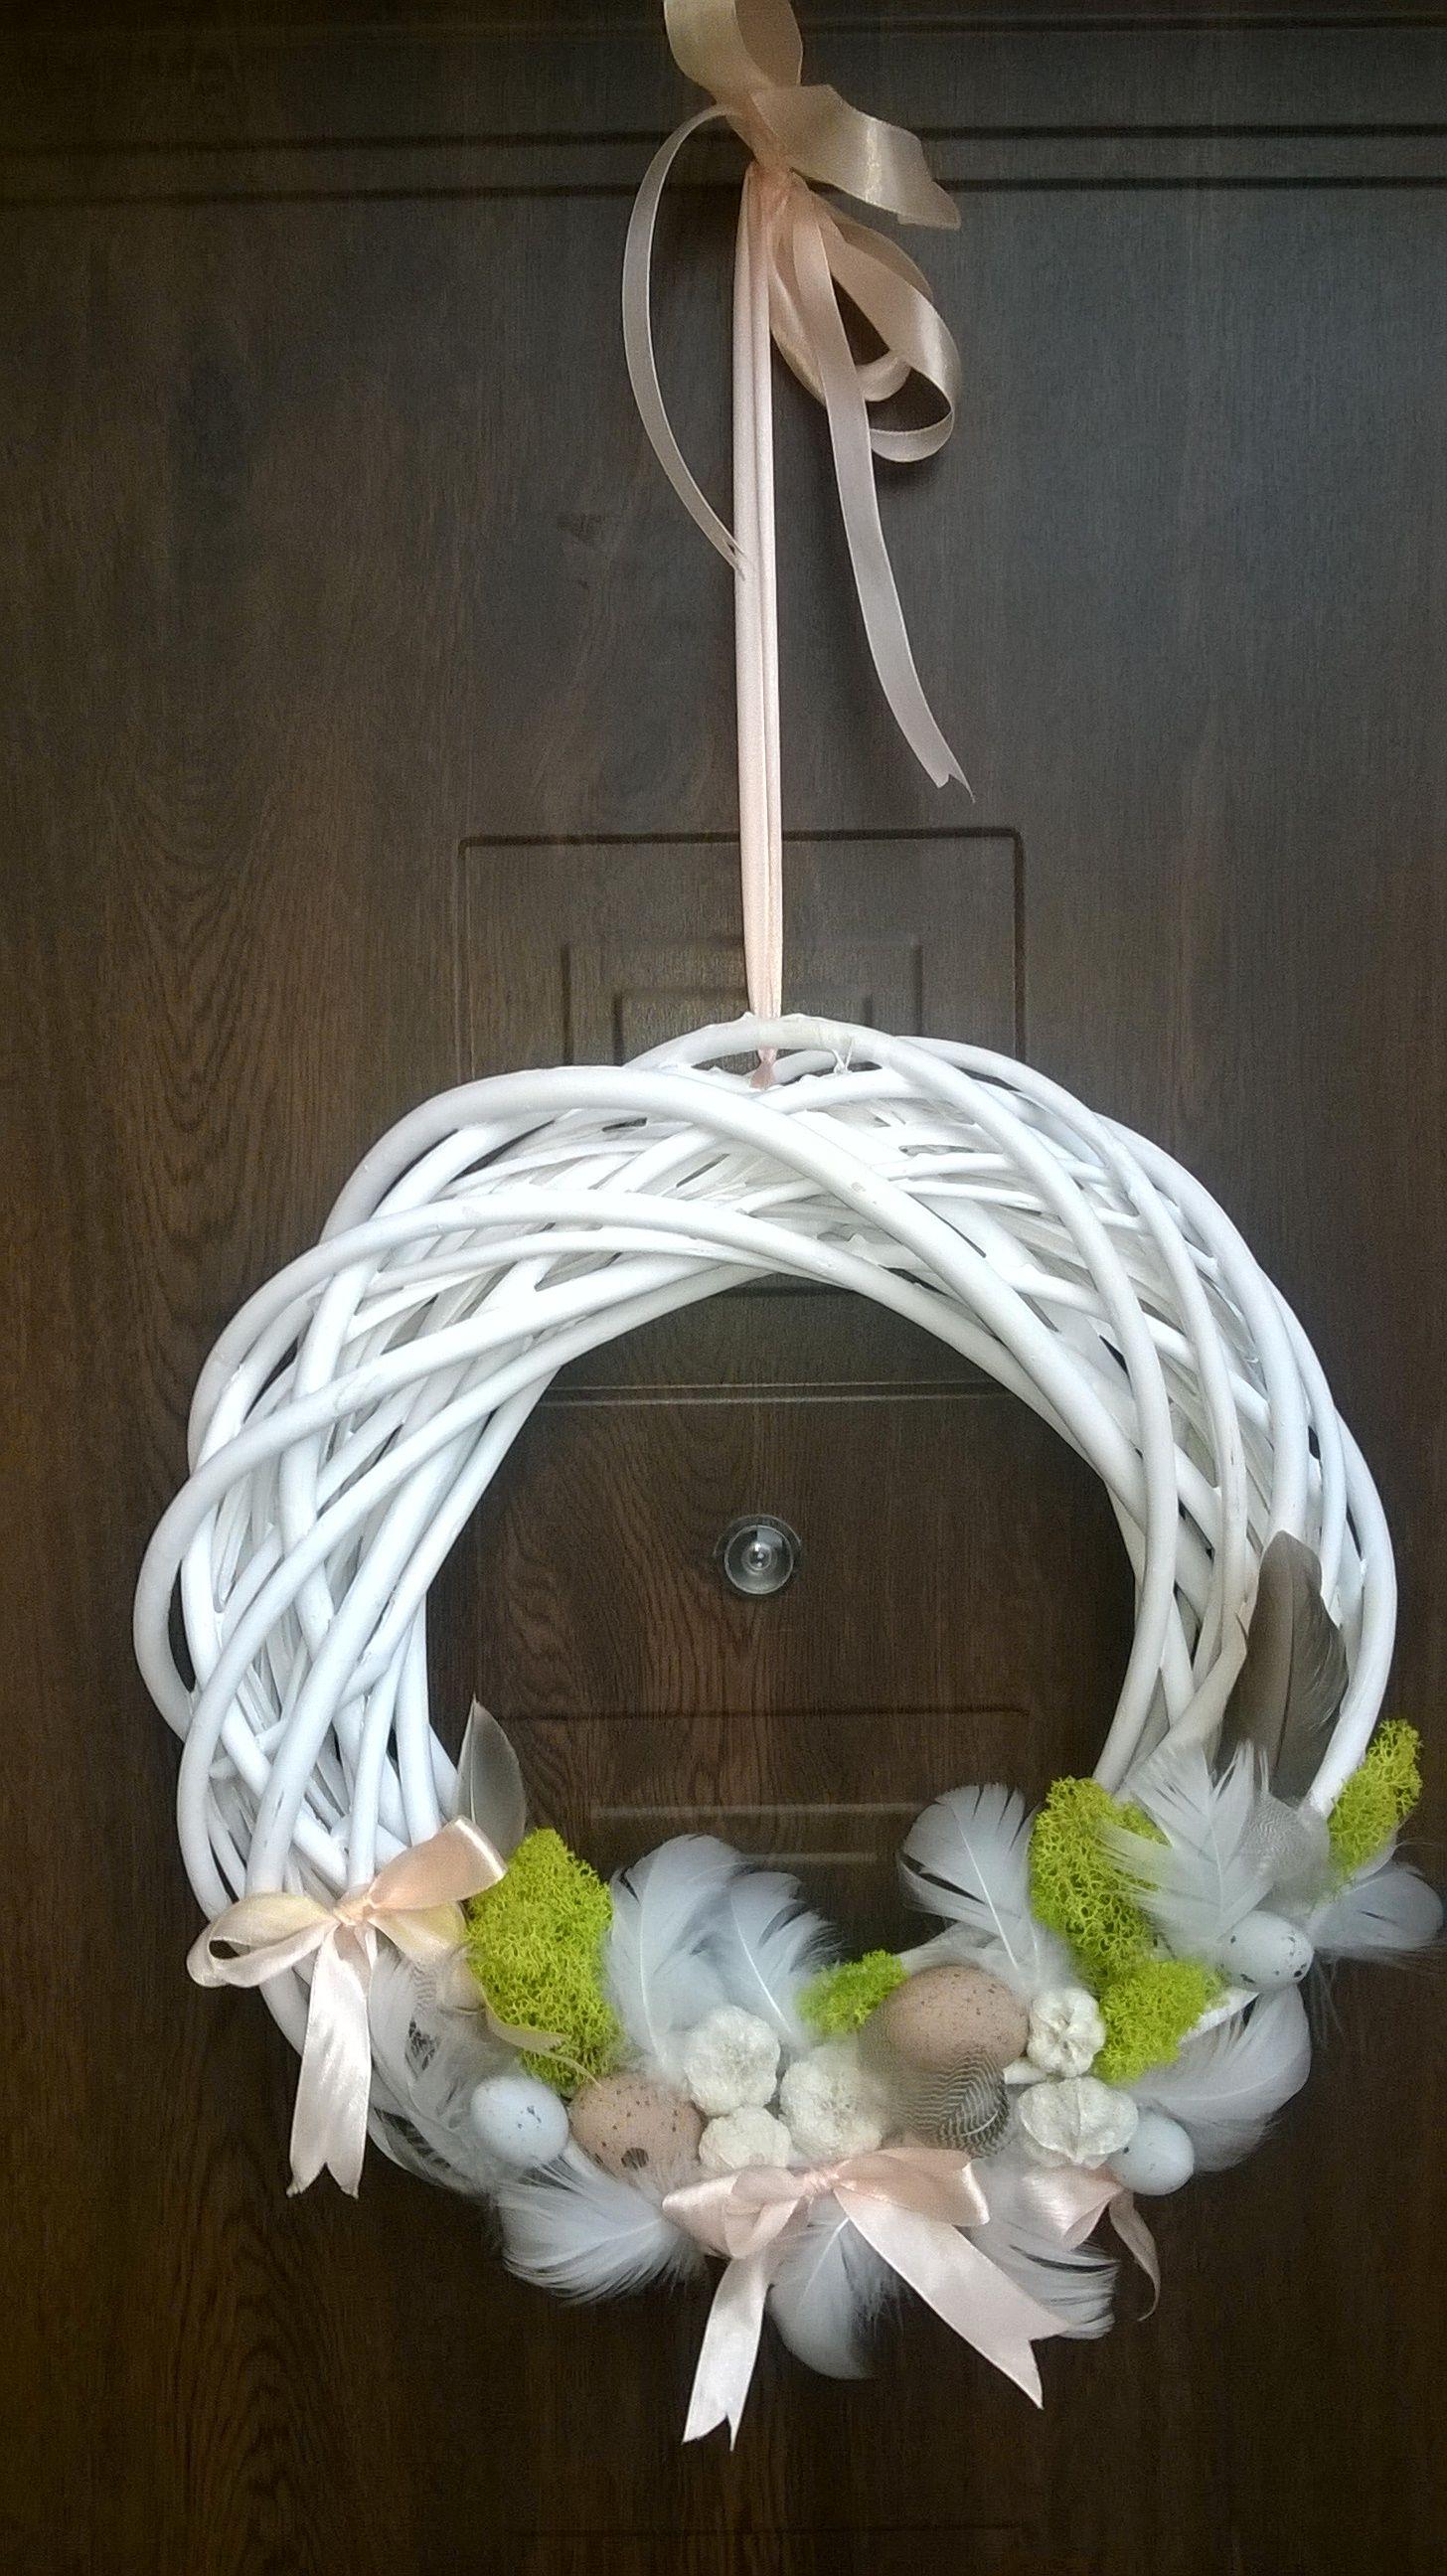 Bialy Wianek Dekoracyjny Na Drzwi Wielkanocne Dekoracje Kokardki